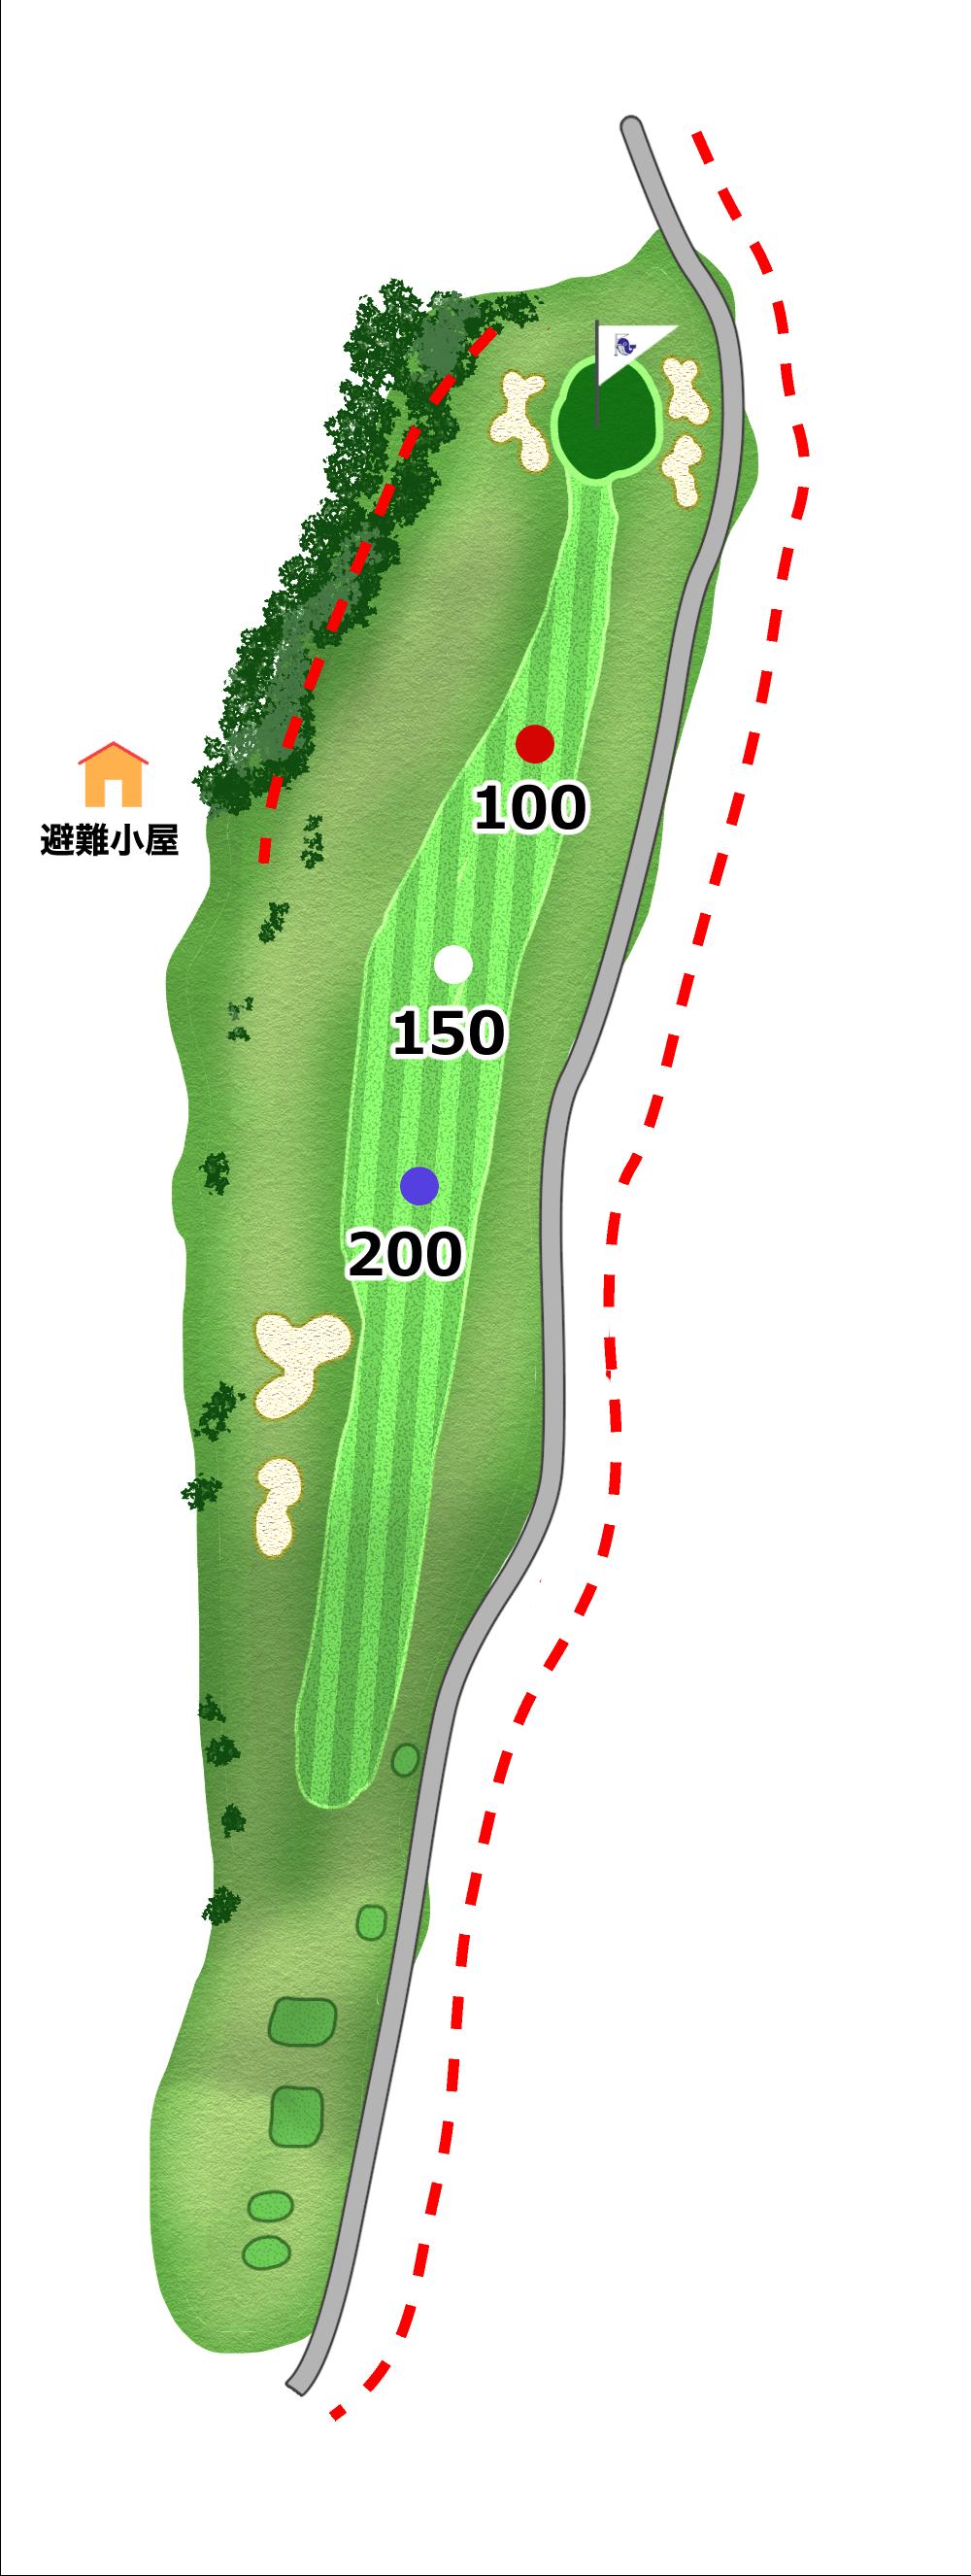 太平洋コース 1H